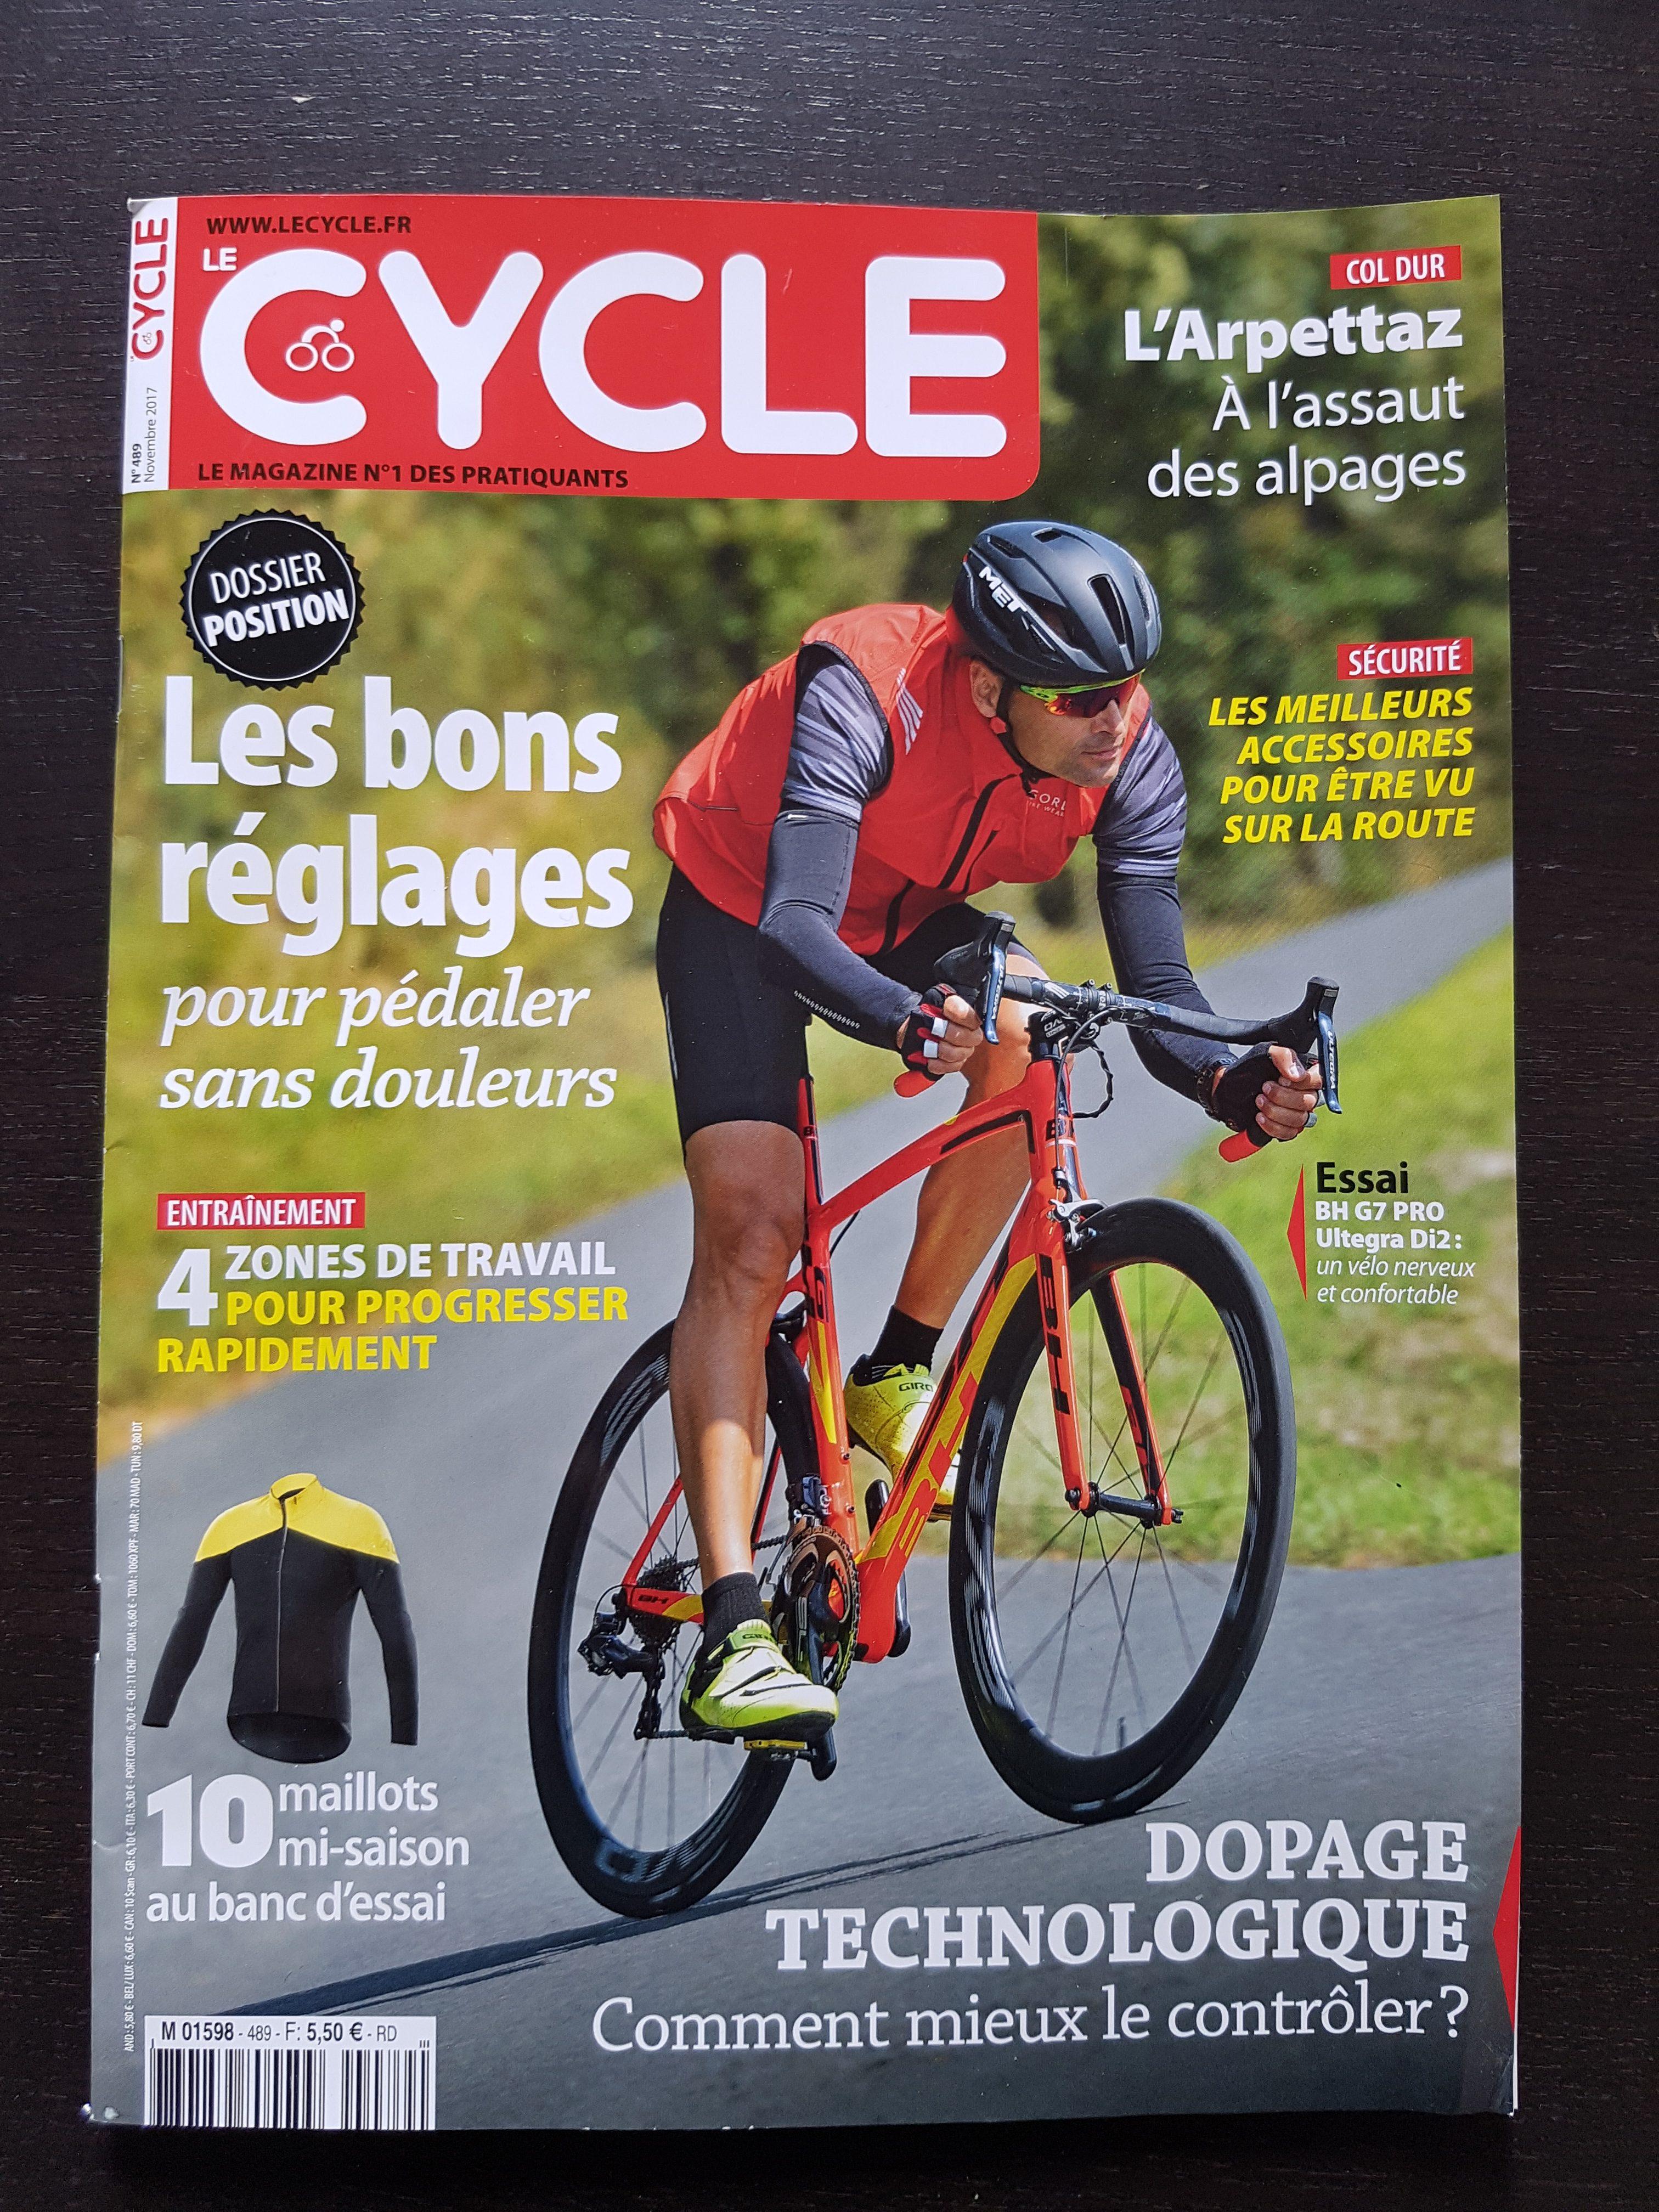 on parle de nous dans le magazine le cycle n 489 tac cyclo les trois cols. Black Bedroom Furniture Sets. Home Design Ideas